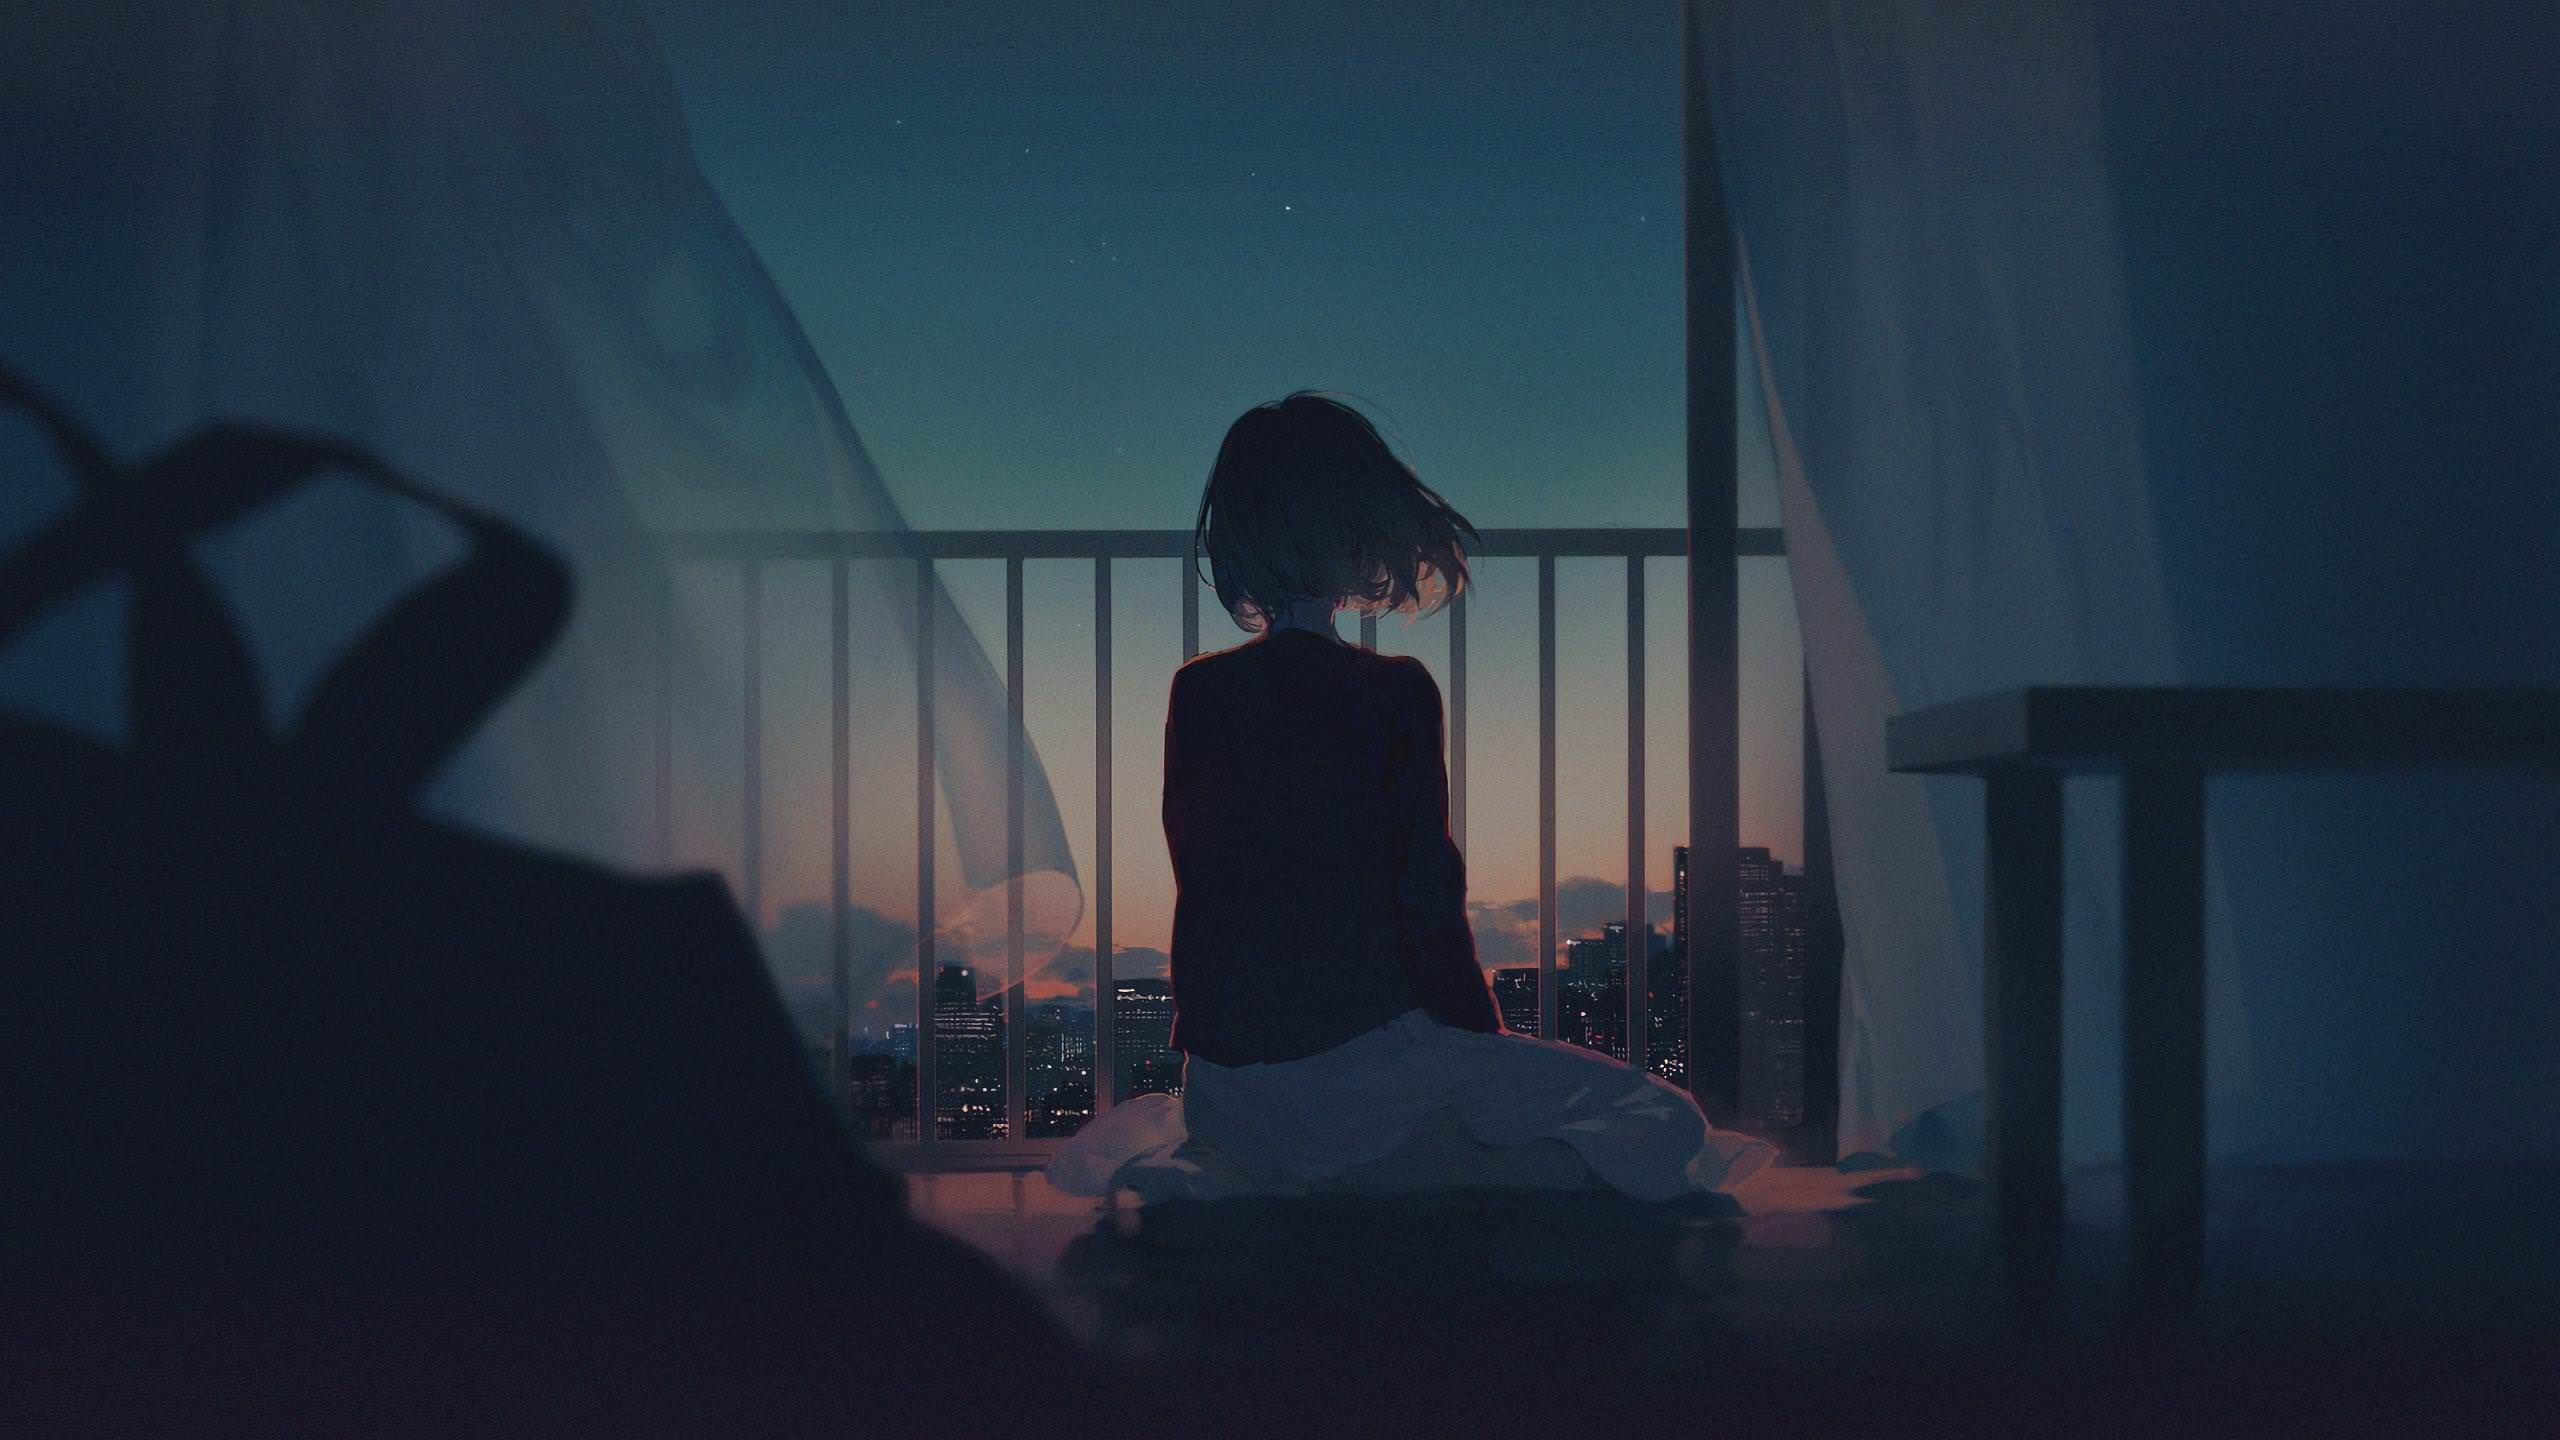 Alone [2560x1440] (Dengan gambar) Artis, Wallpaper